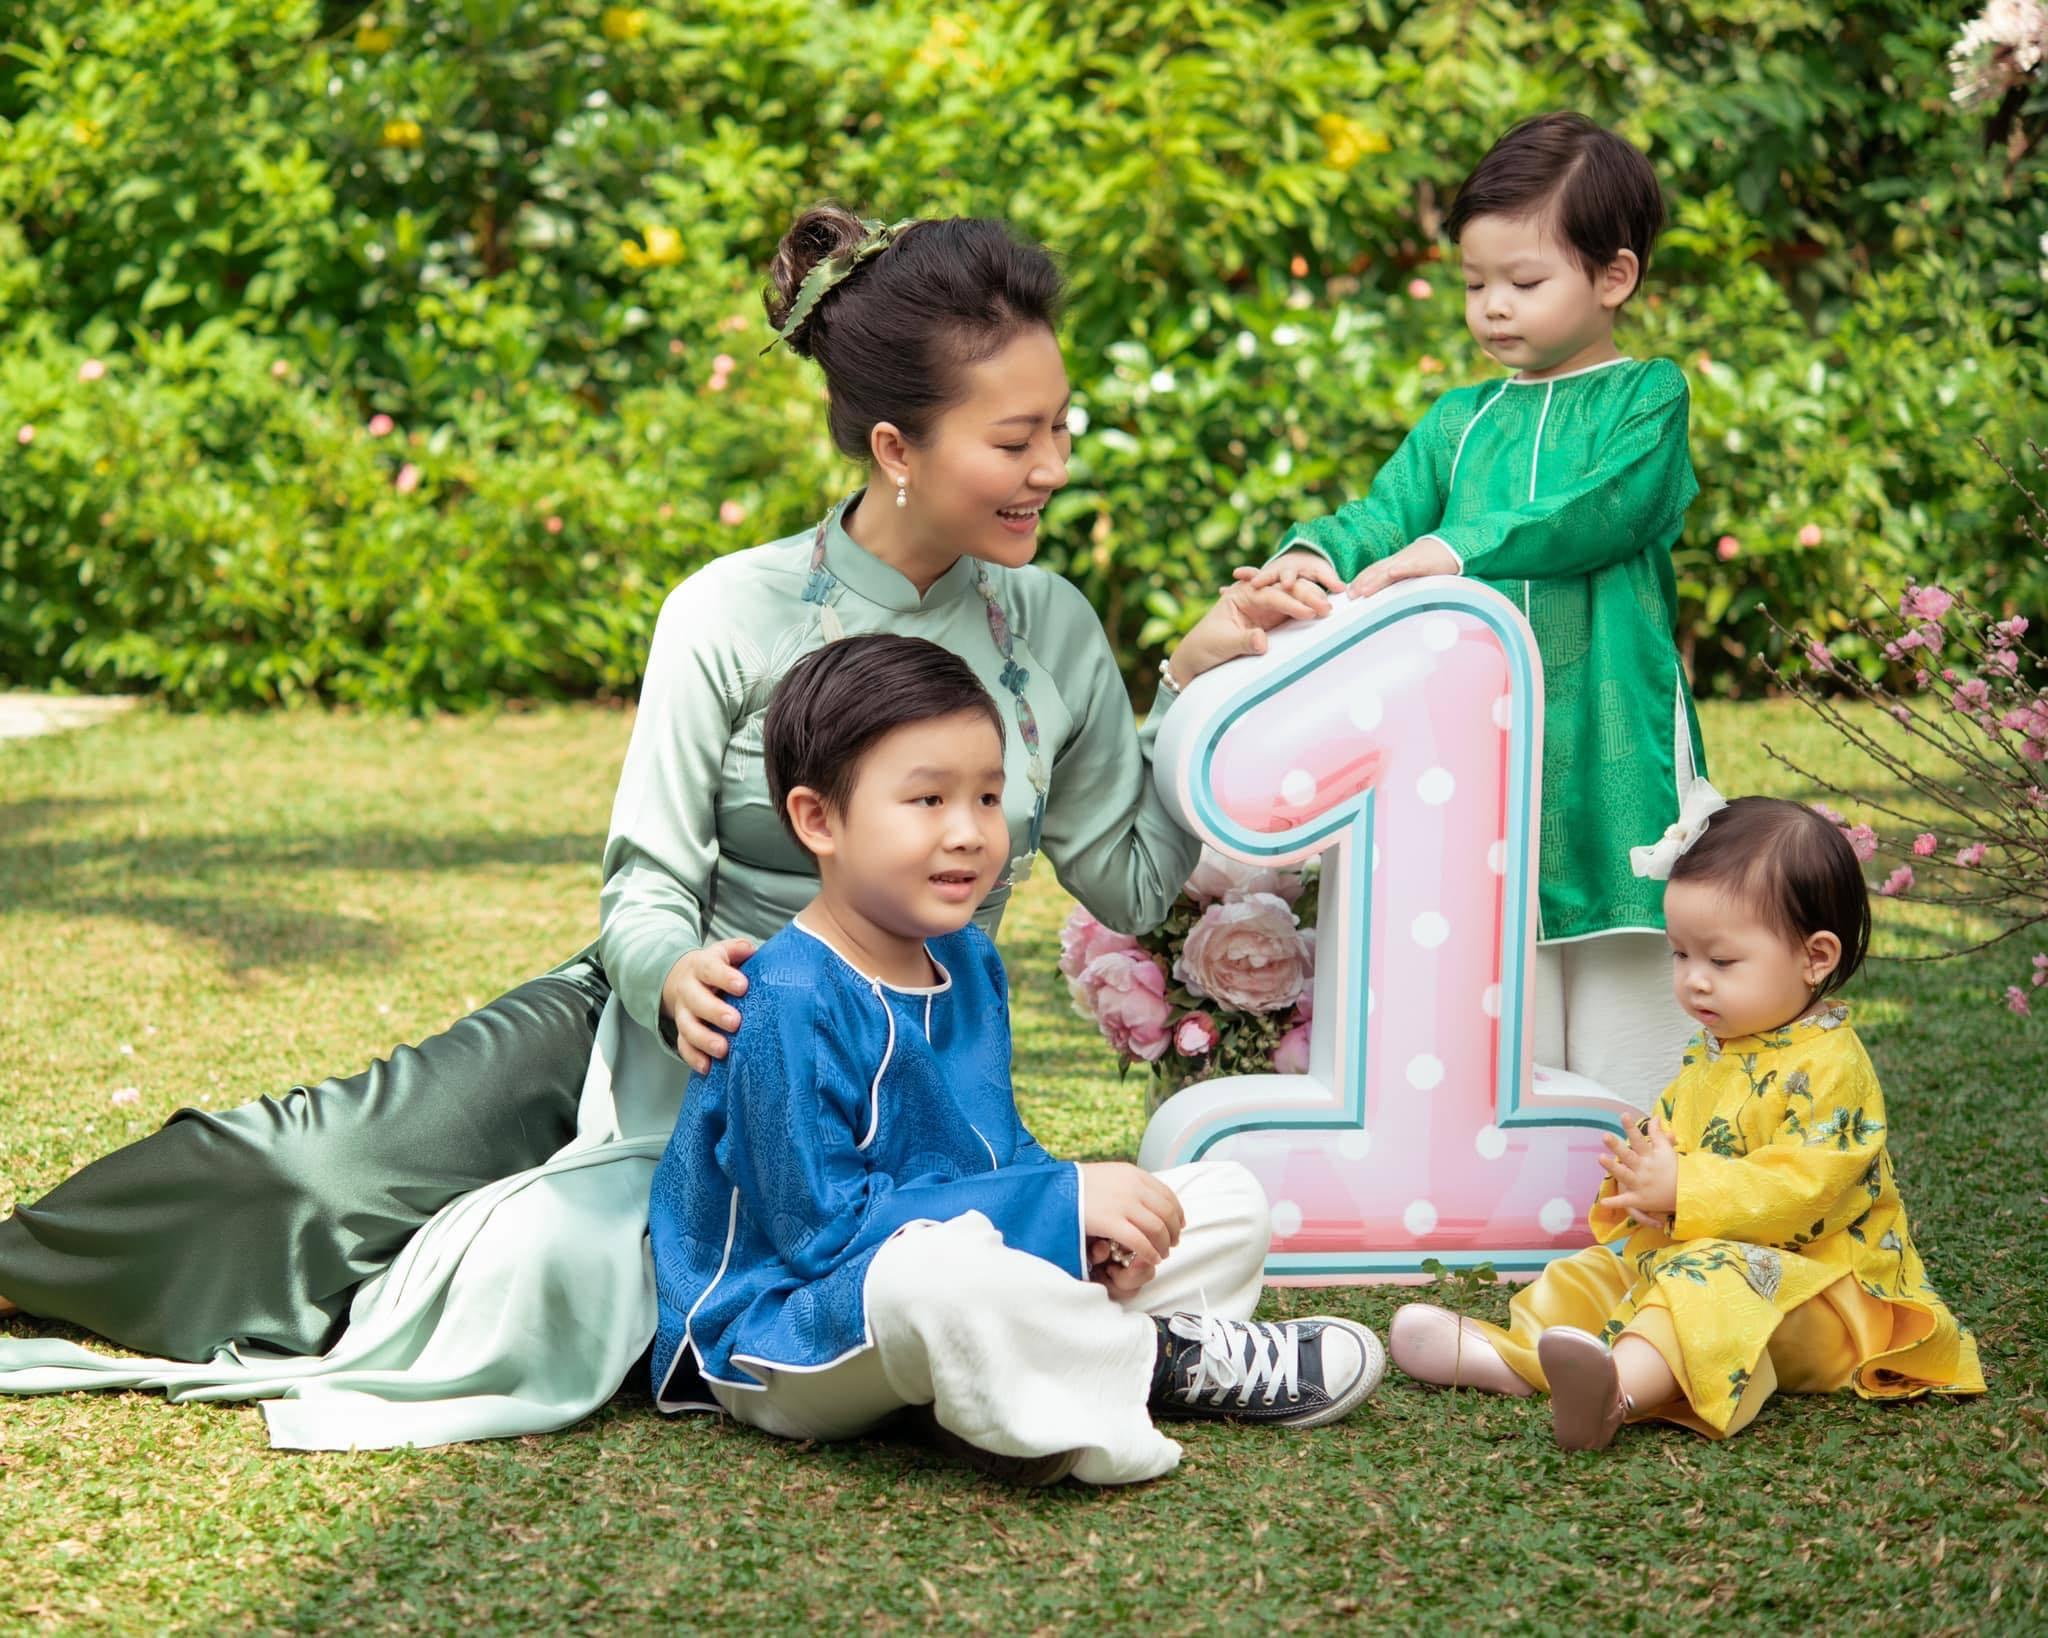 Đỗ Hải Yến 'Chuyện của Pao' hạnh phúc bên chồng đại gia và 3 con